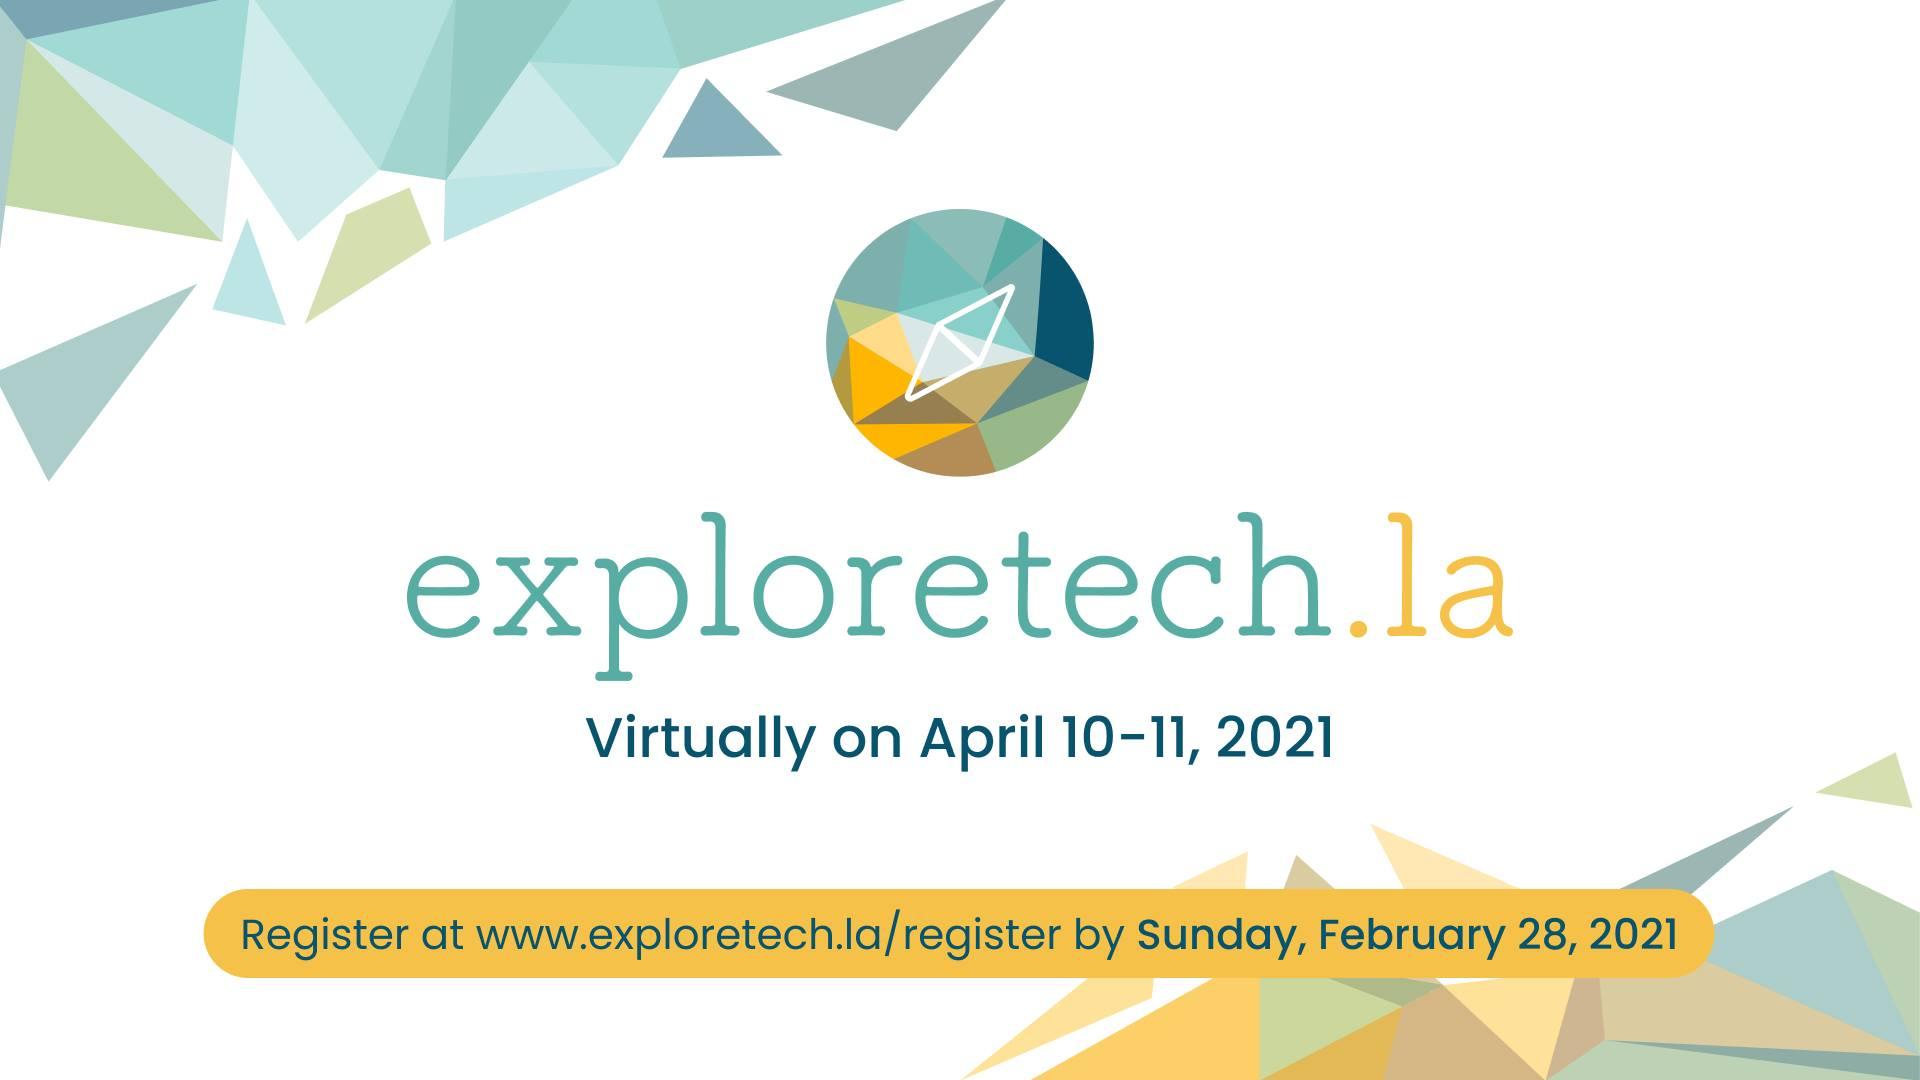 exploretech.la